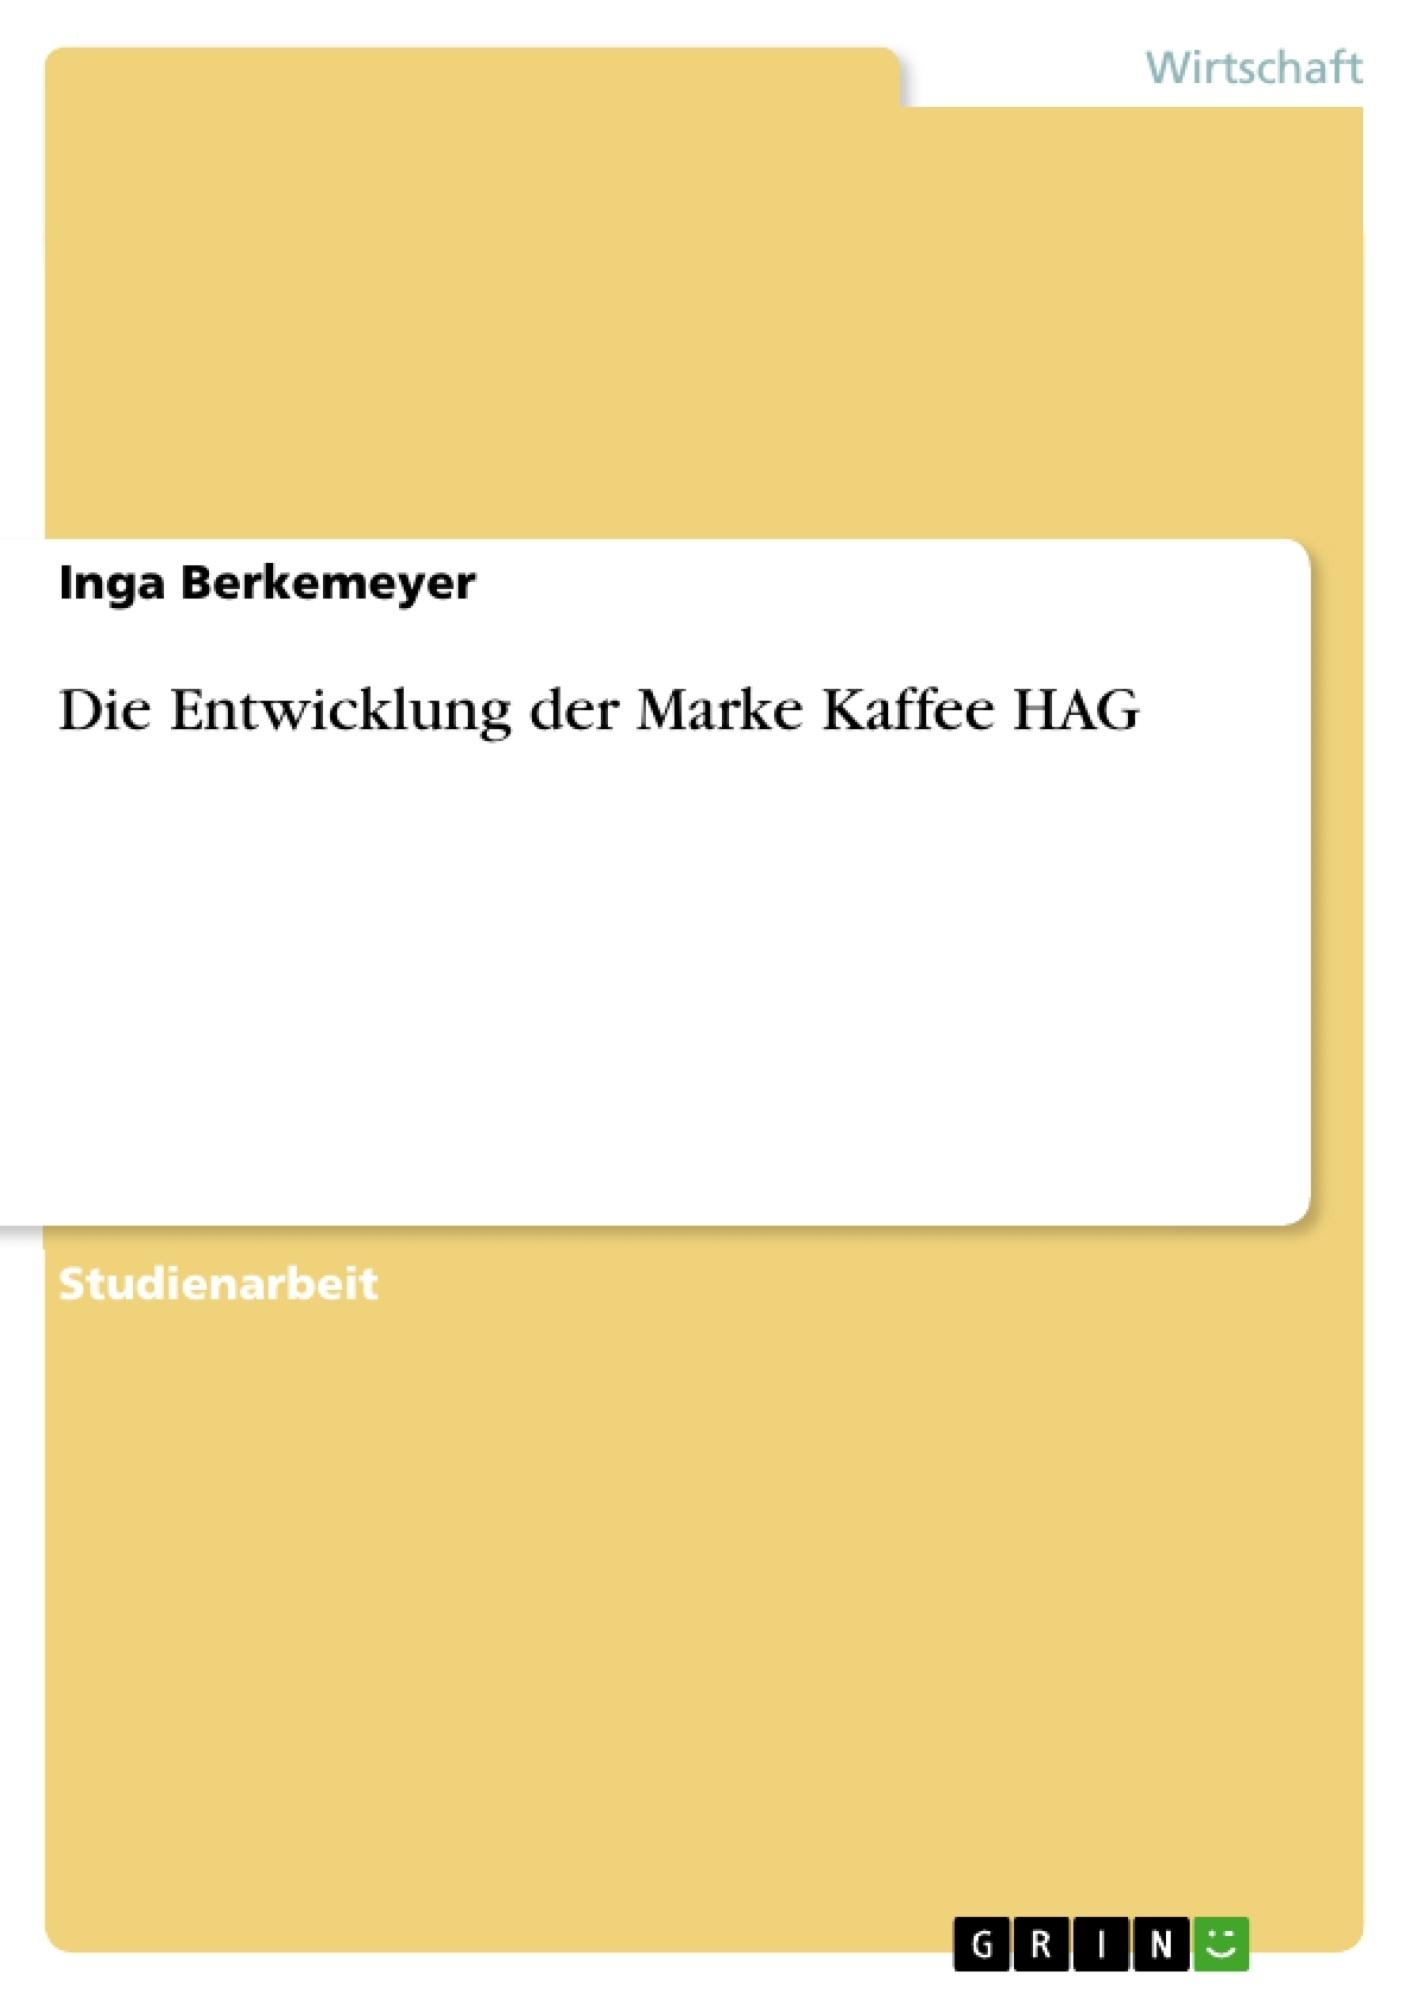 Titel: Die Entwicklung der Marke Kaffee HAG